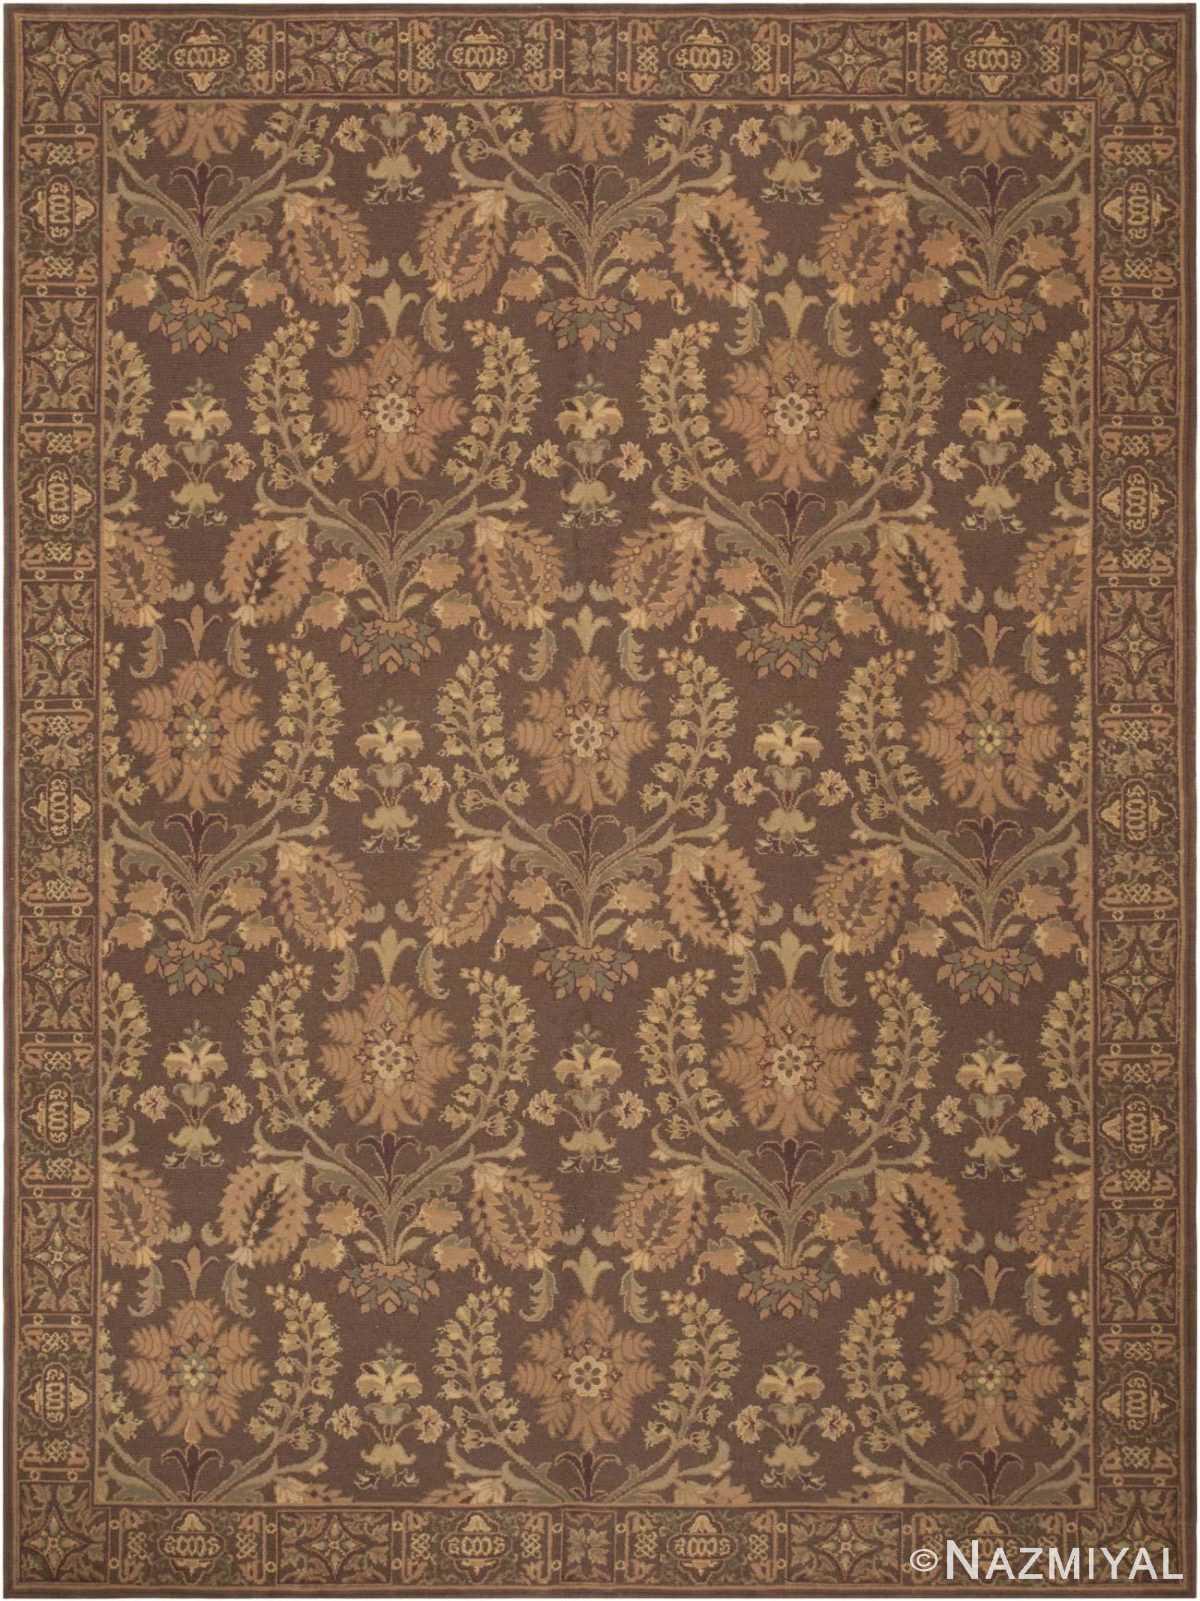 Modern Chinese Savonnerie Carpet 44697 Nazmiyal